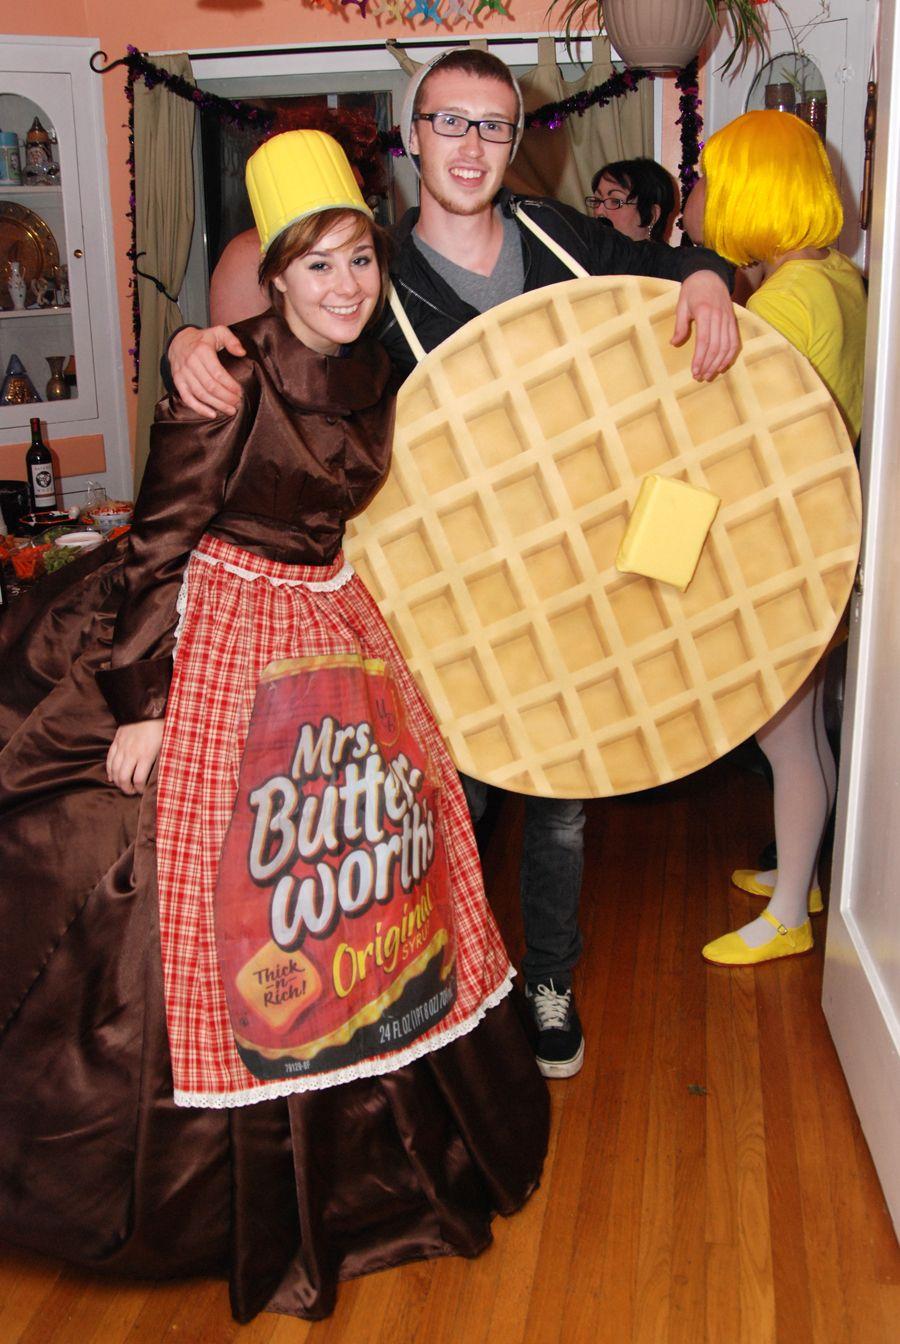 Bacon and Egg Halloween Costumes Couple halloween